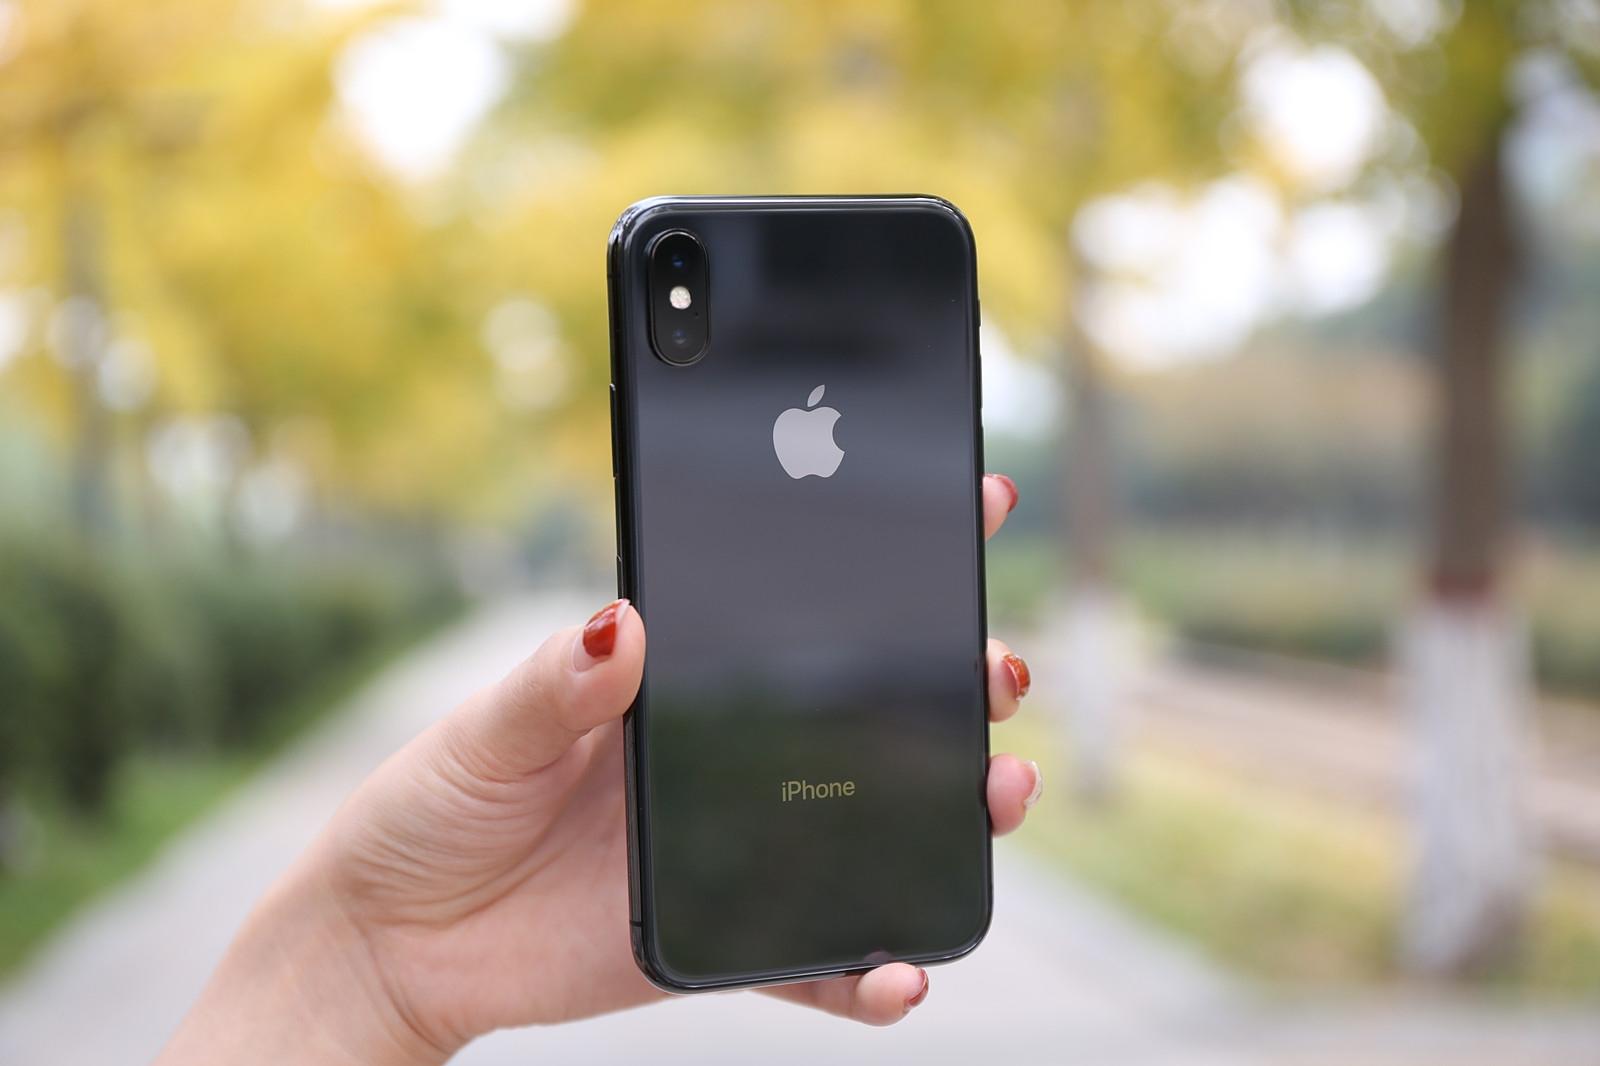 iPhone中国销量好转:苹果终于可以放心了?